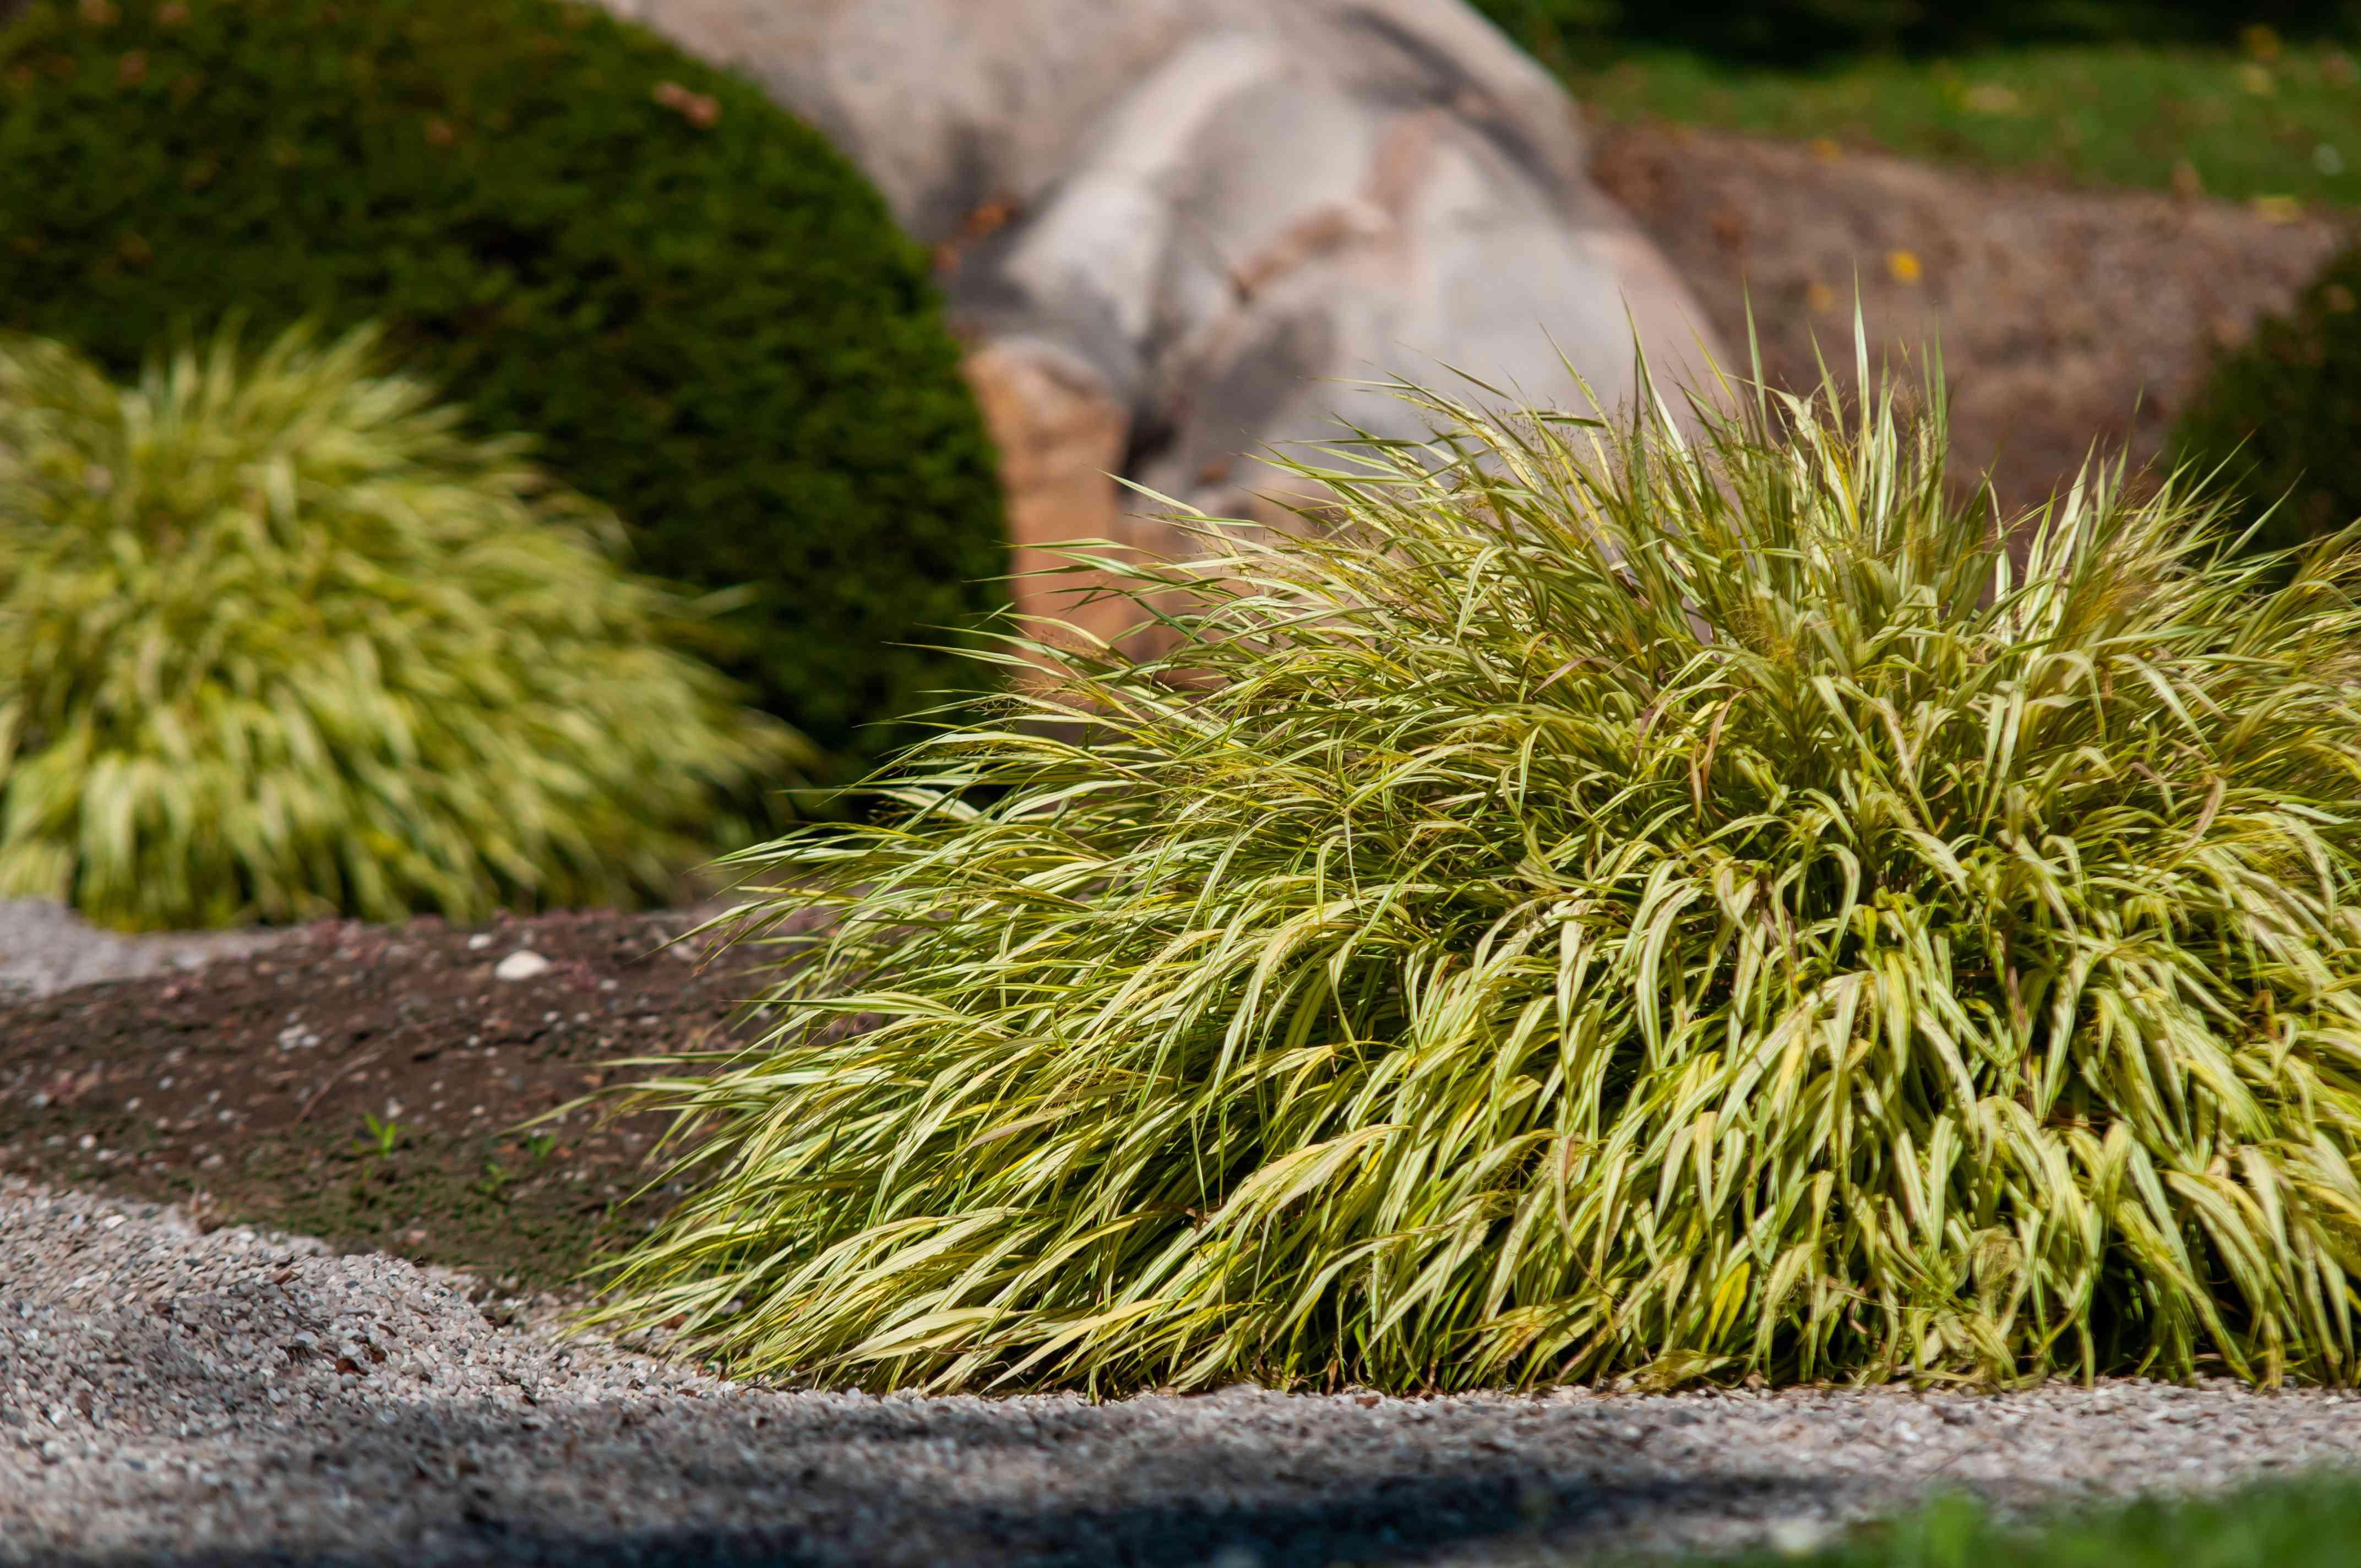 macra aureola shrub